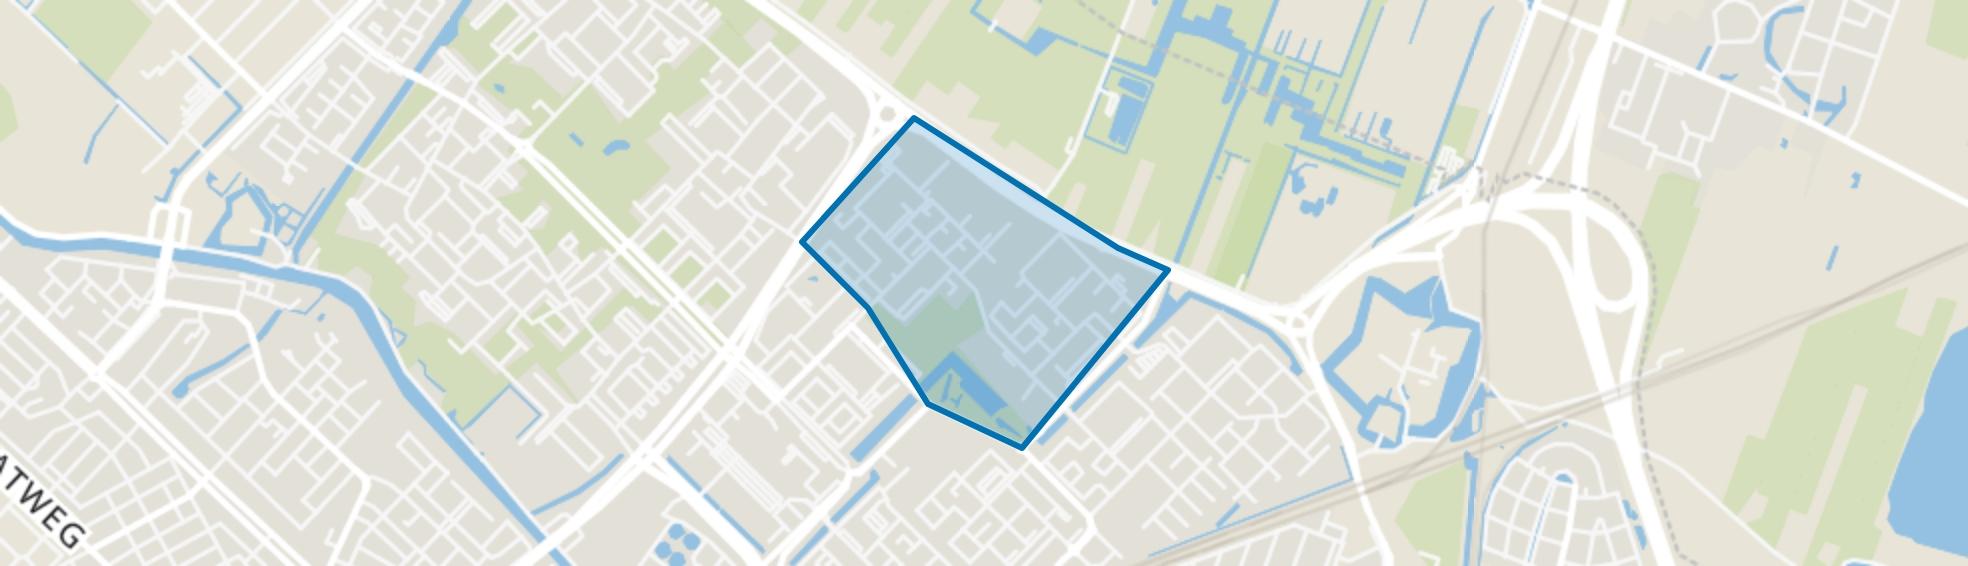 Neckardreef en omgeving, Utrecht map